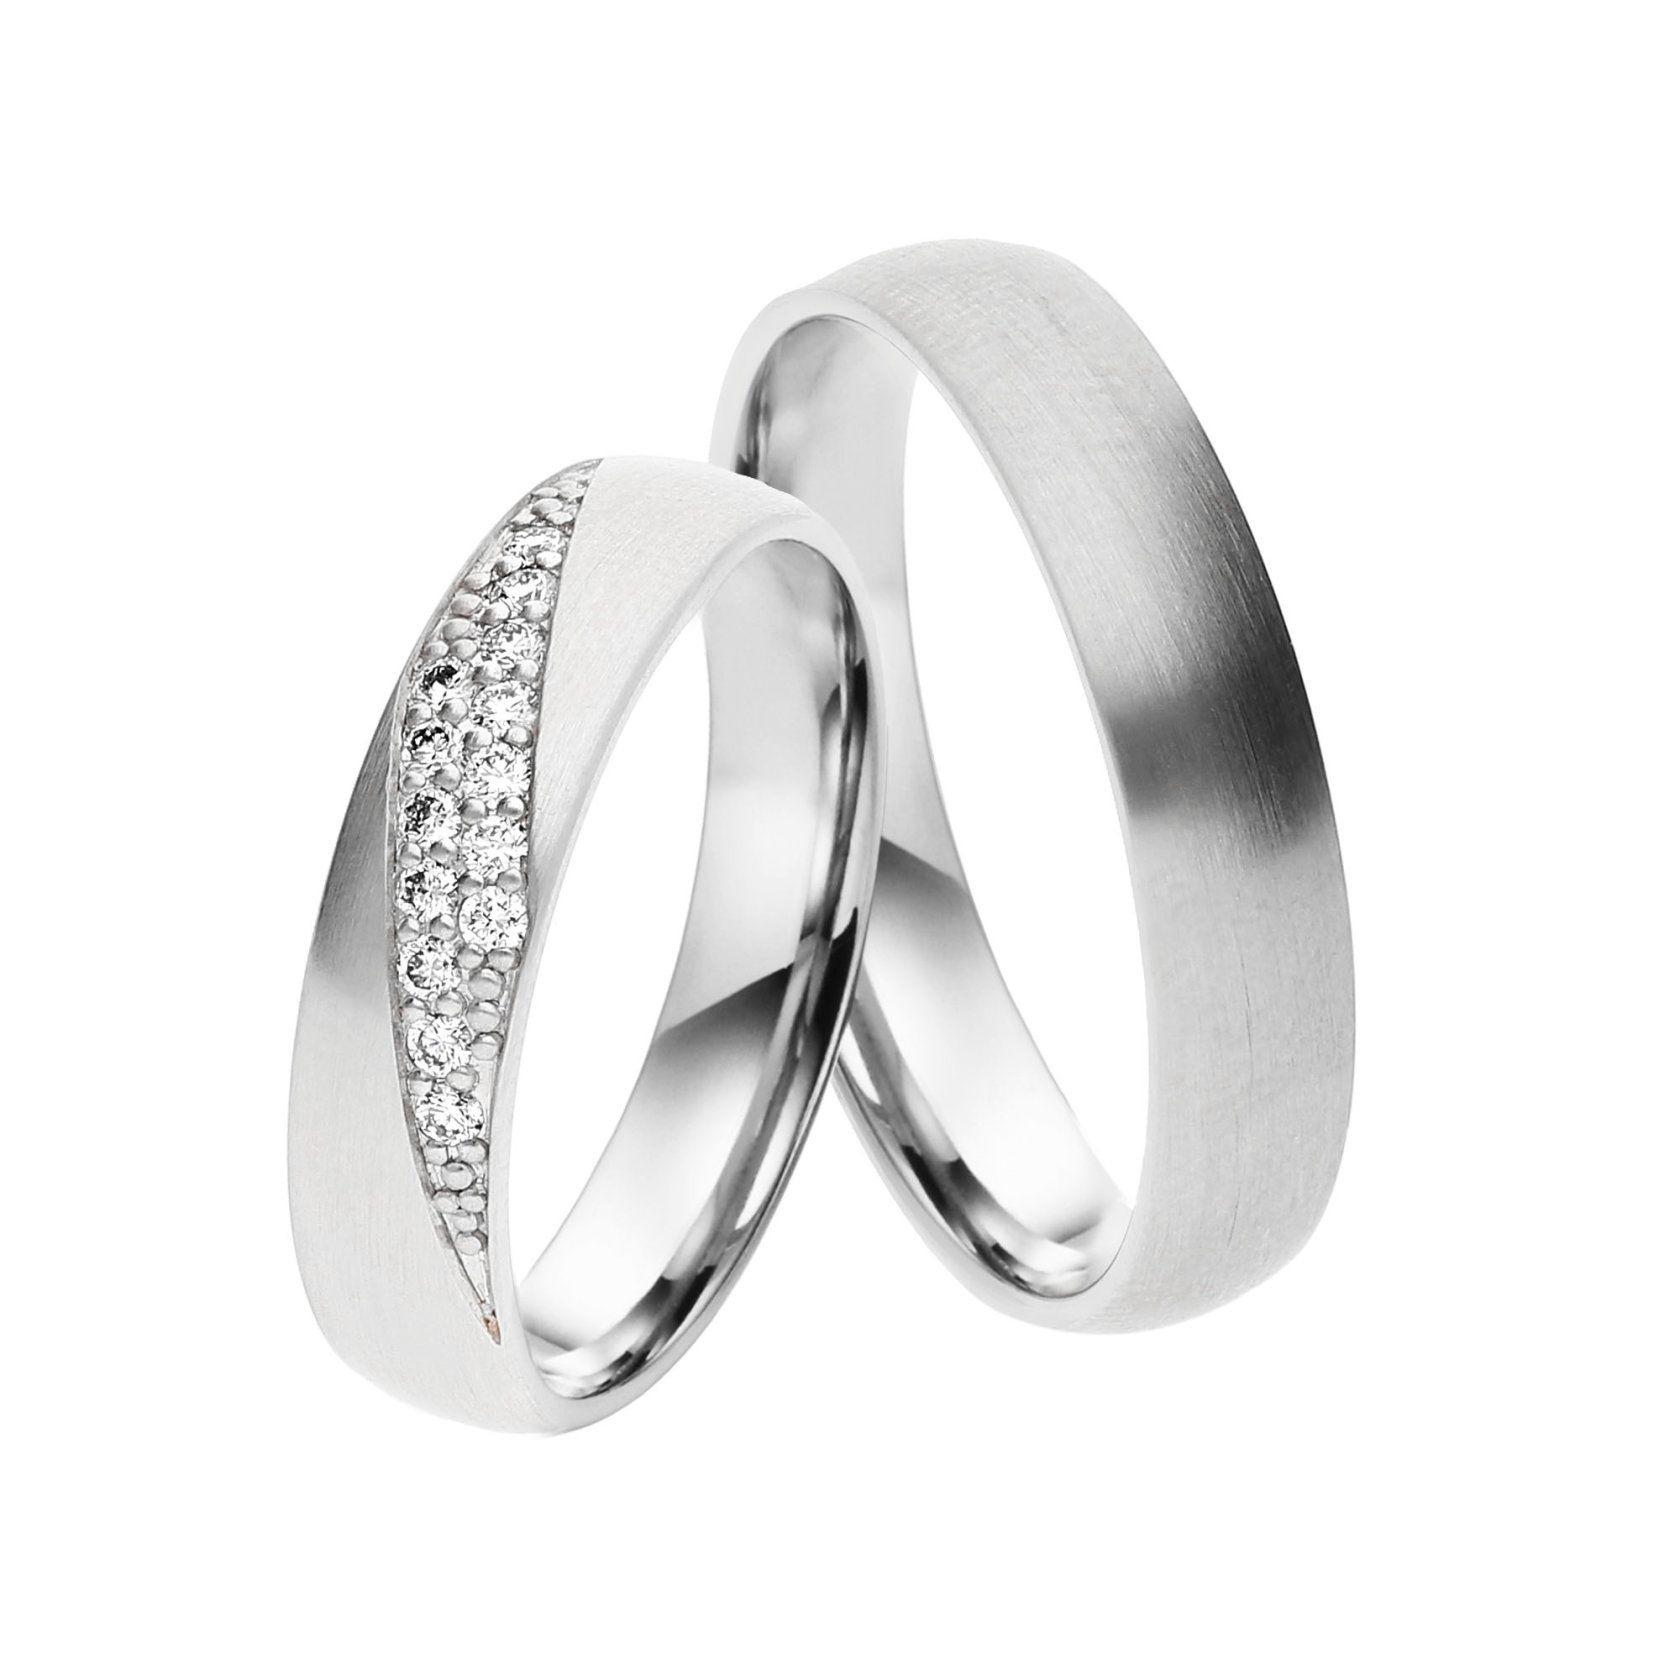 Juwelier Kraemer – Trauring Gold Mauritius | Trauringe